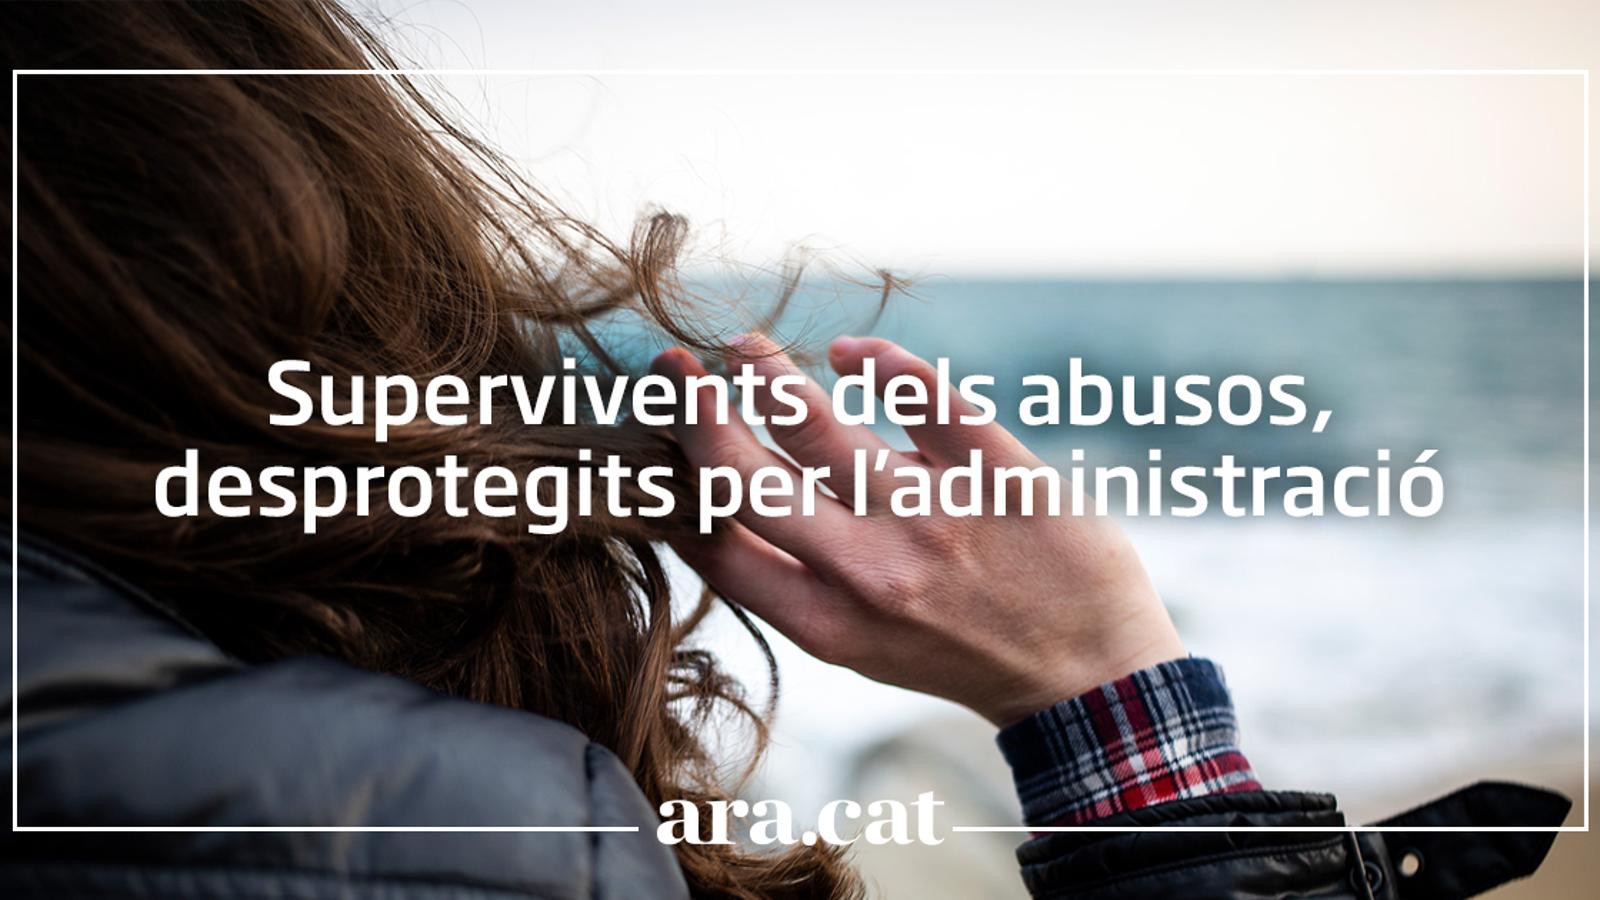 Abusos i administració